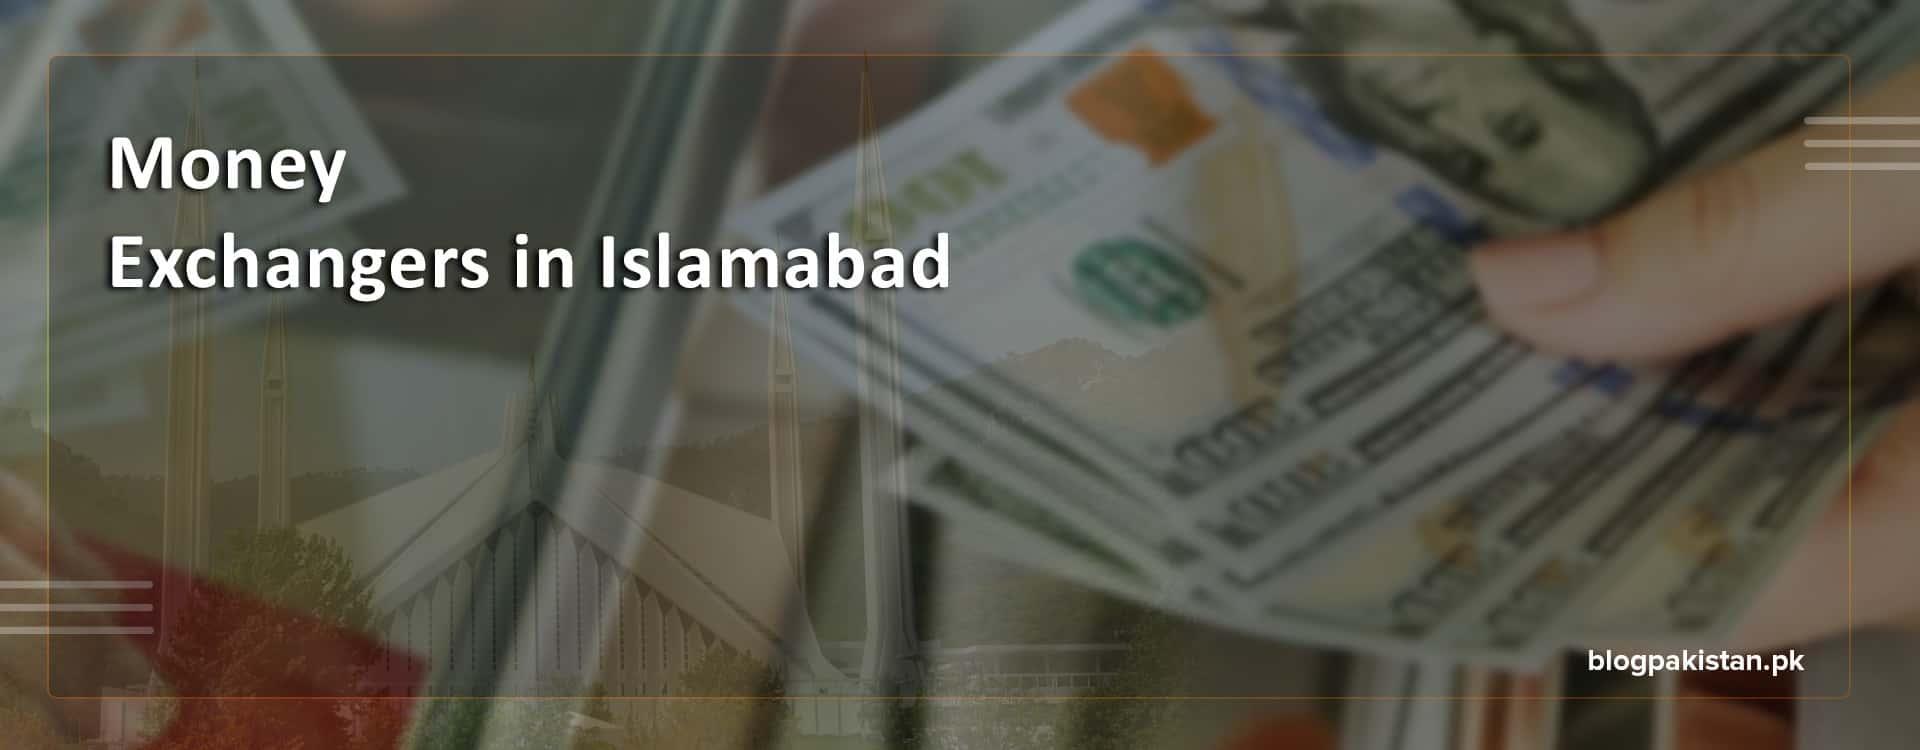 best-money-exchanger-in-islamabad